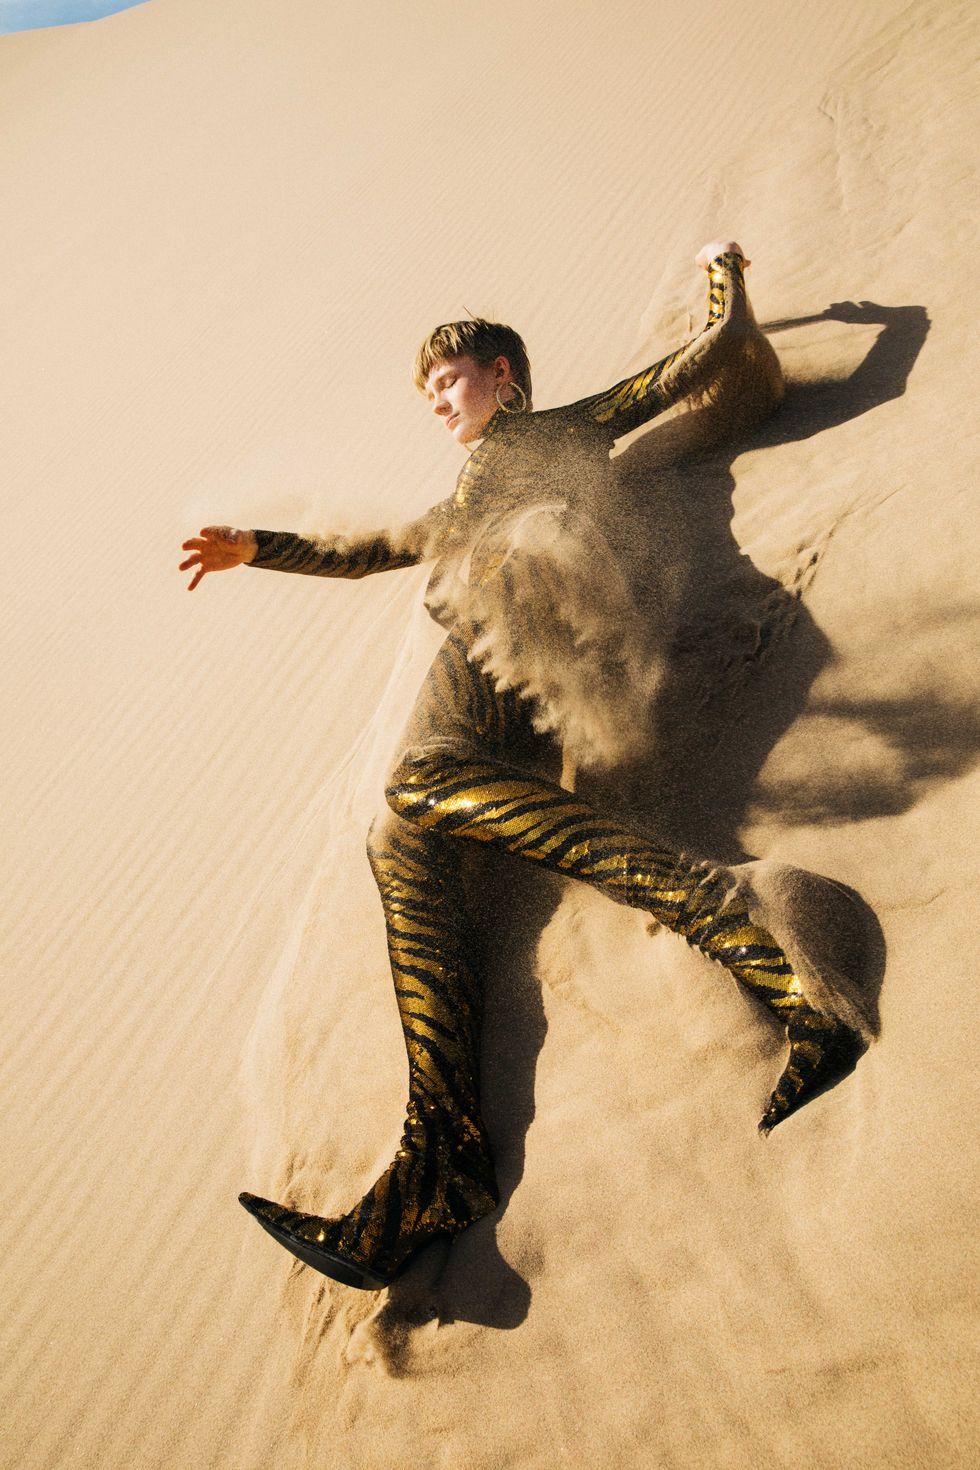 Bộ ảnh thời trang của tạp chí Elle tại Thung lũng chết - 8